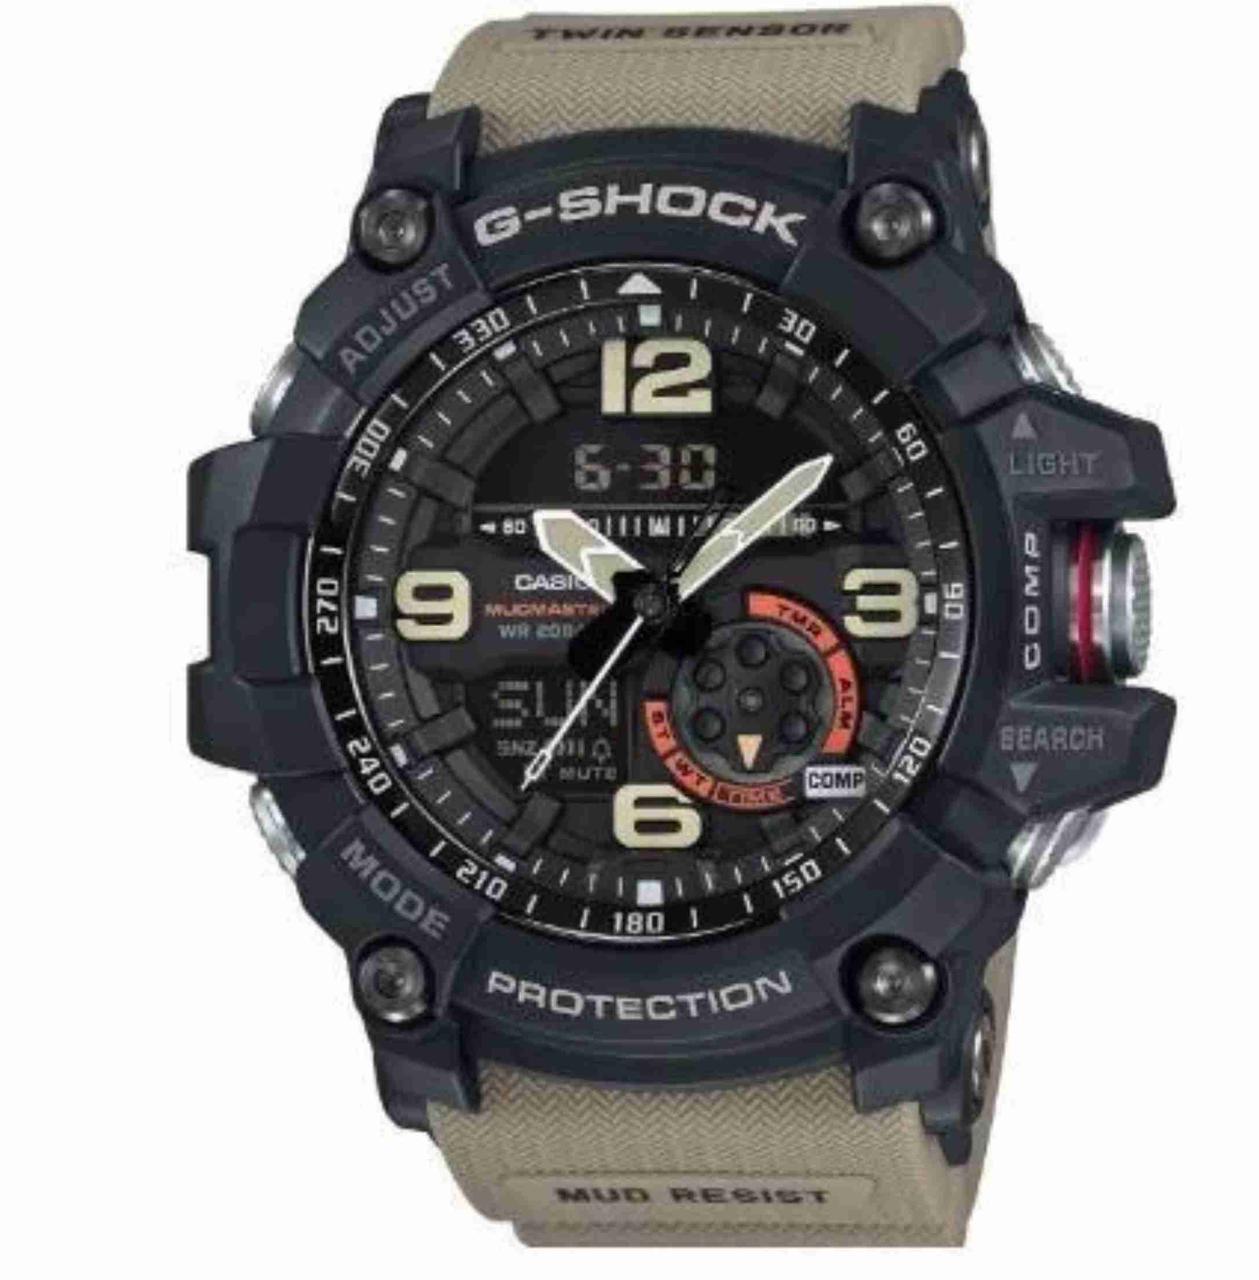 Часы G-SHOCK-3  Часы мужские спортивные водостойкие G-SHOCK Casio (Касио) / Мужские наручные часы Casio